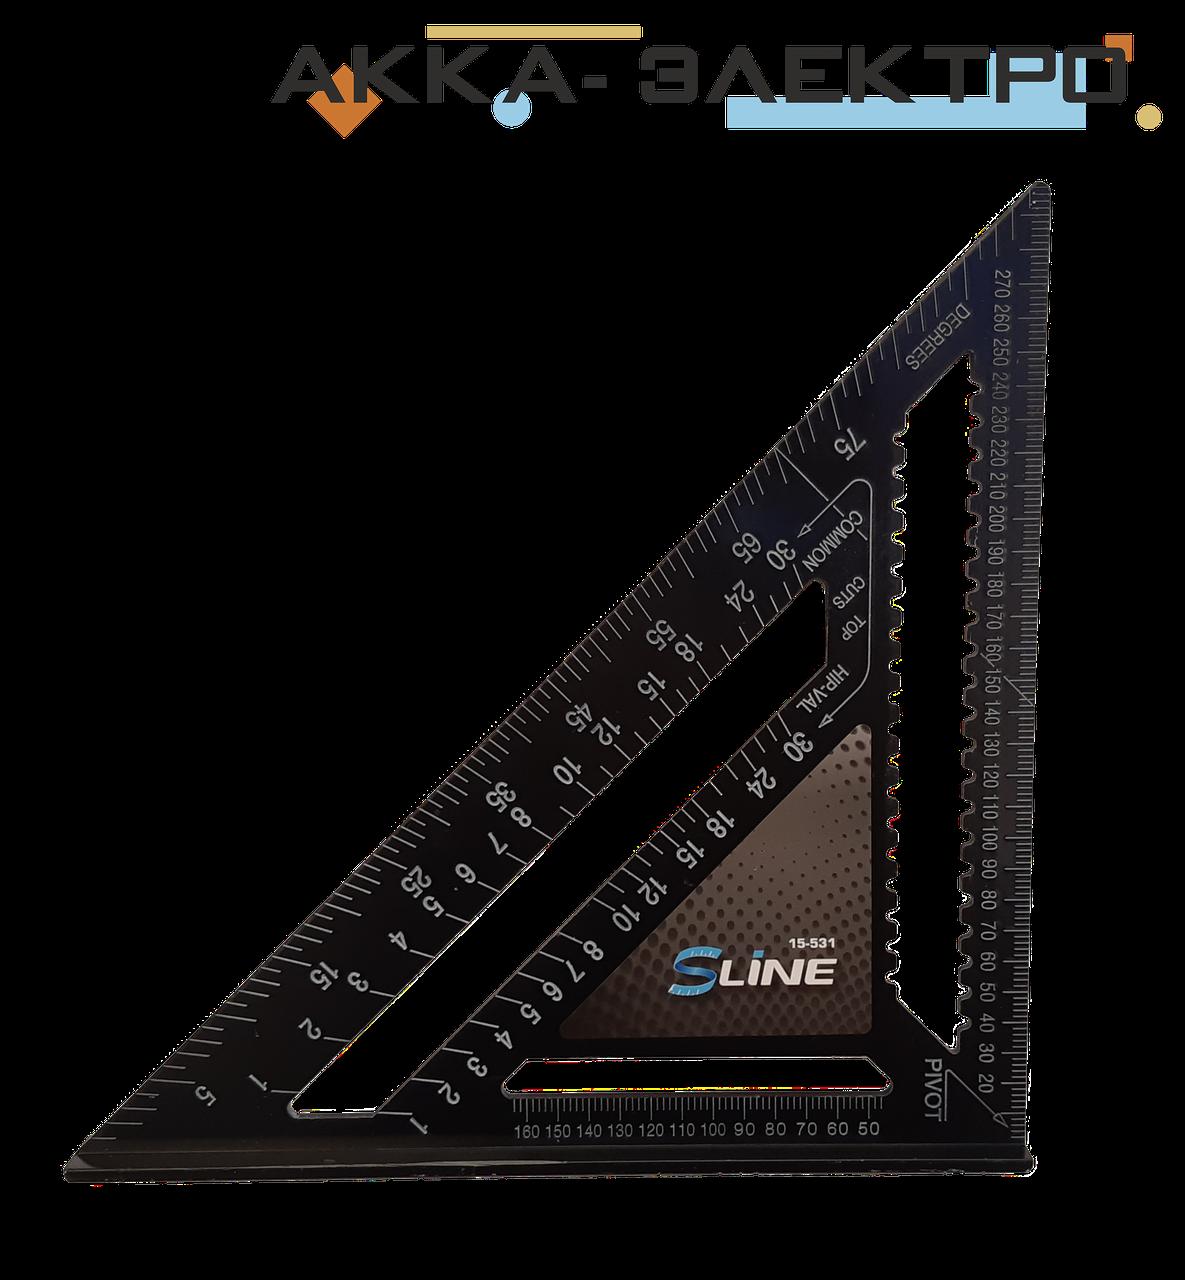 Угольник универсальный алюминиевый 304х304х428мм S-LINE (15-531)